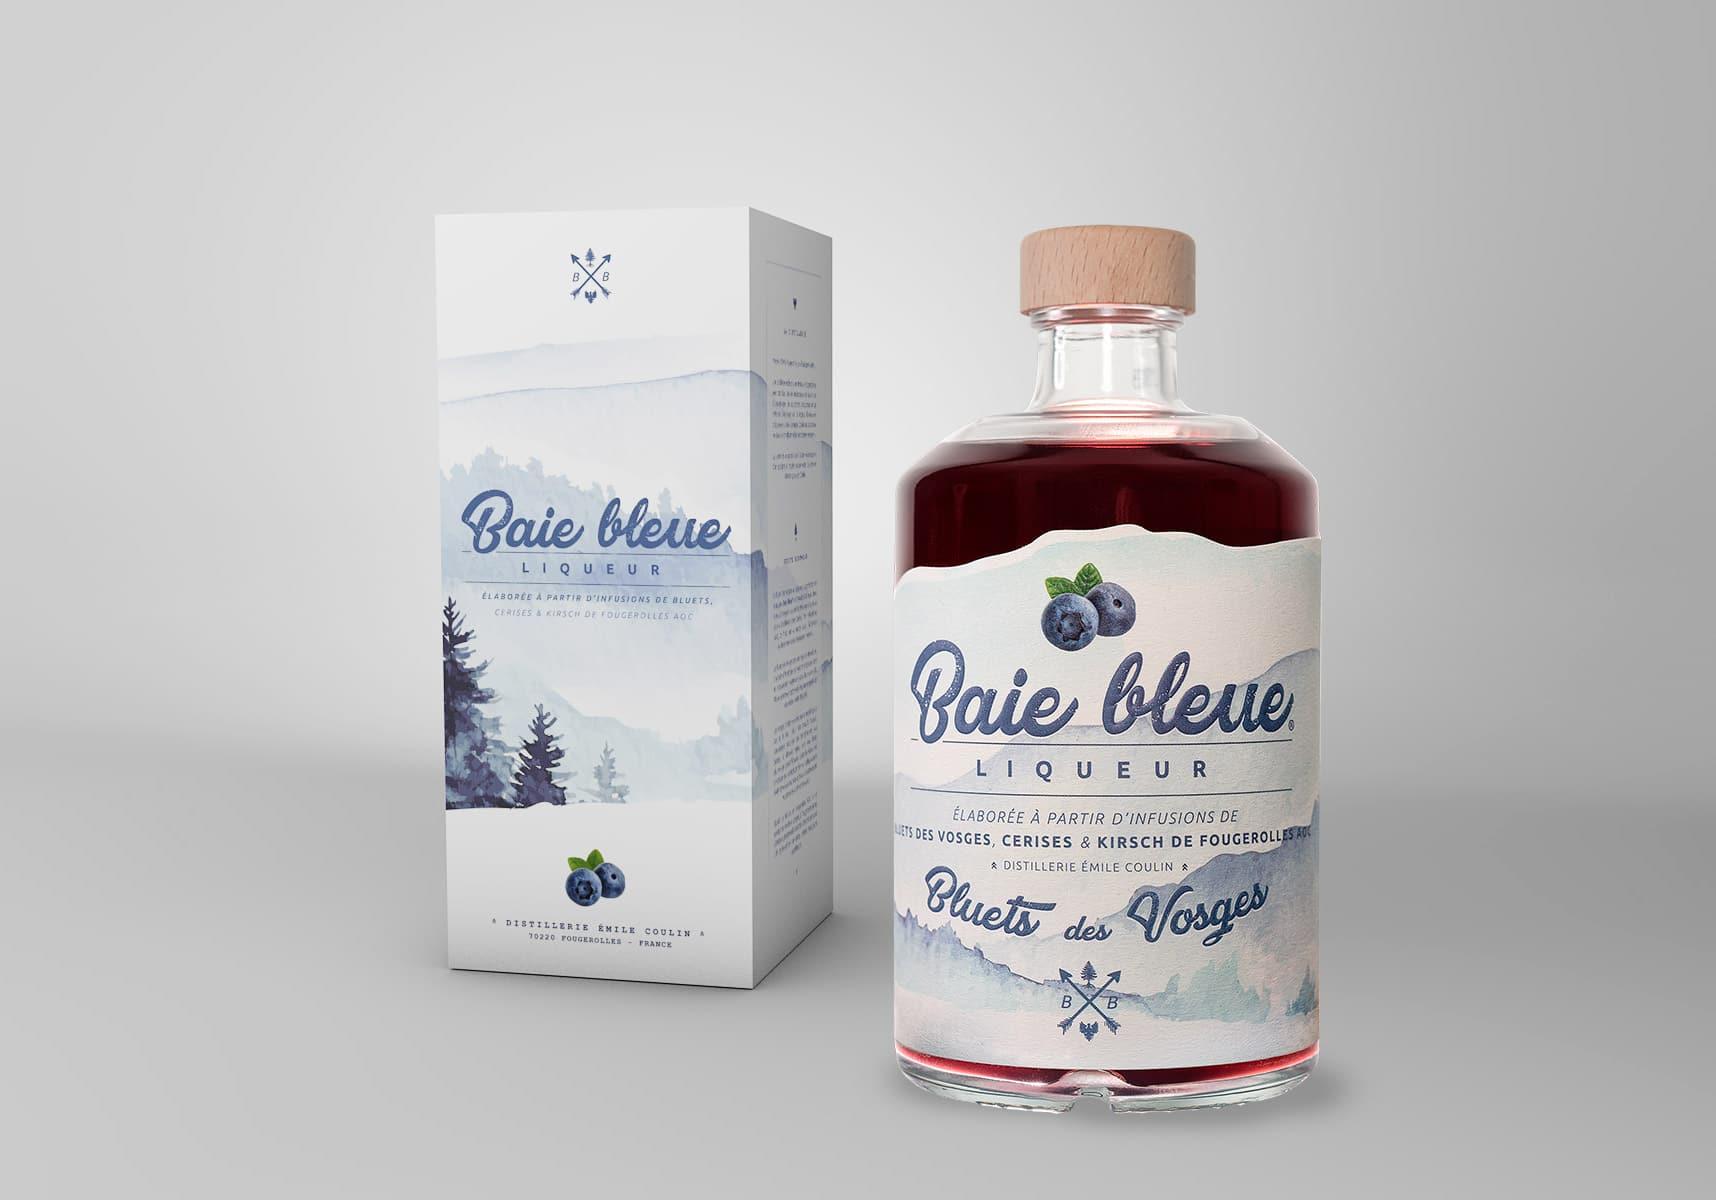 Blue Bay Liqueur range, blueberry liqueur